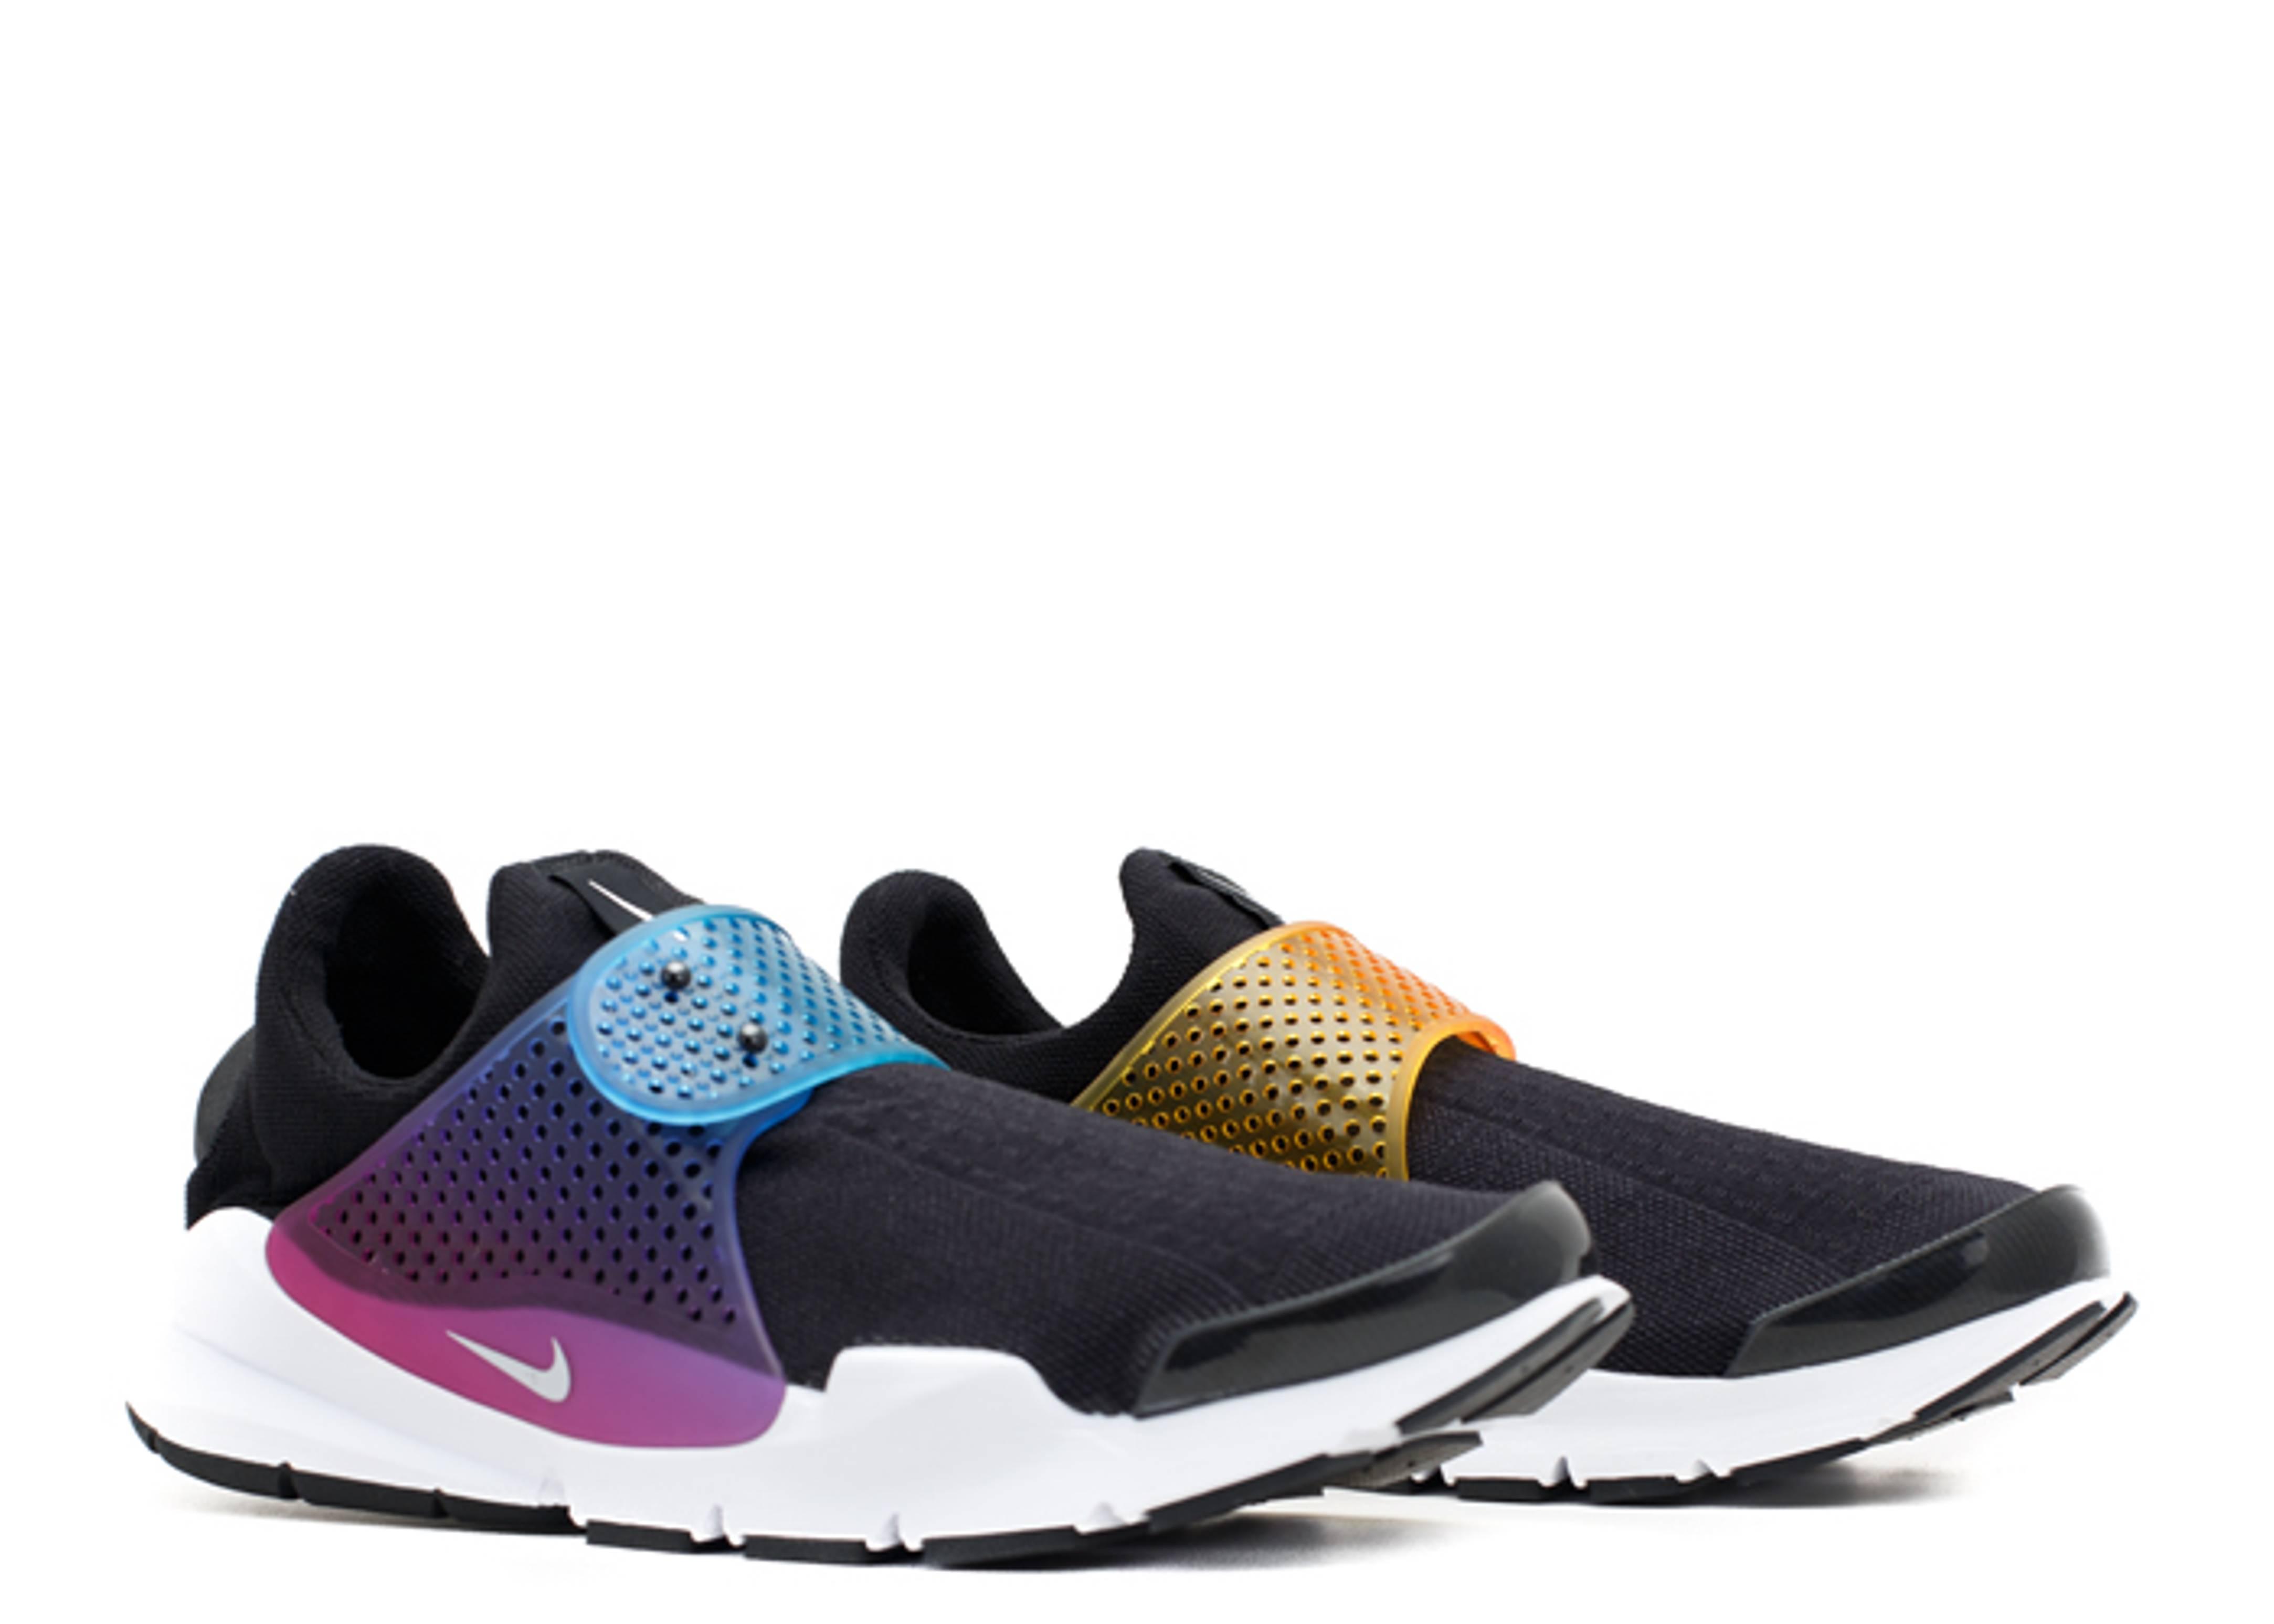 Nike Dart Chaussette Sp Noir / Blanc-rainbow grand escompte dfpO4